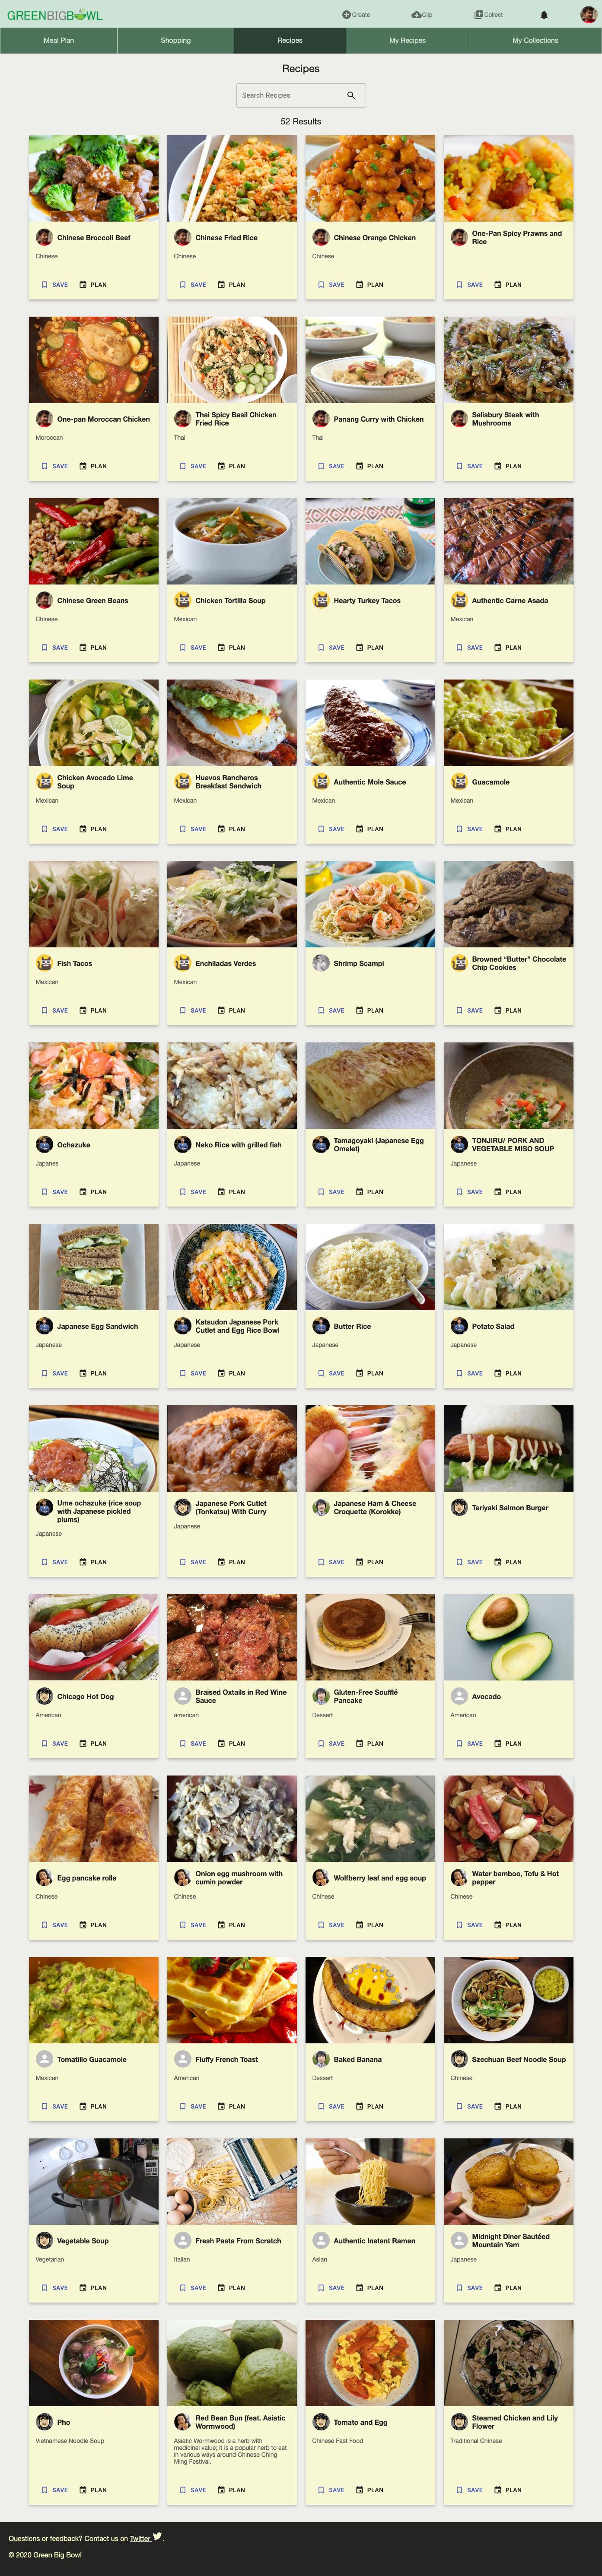 Recipes_Green_Big_Bowl